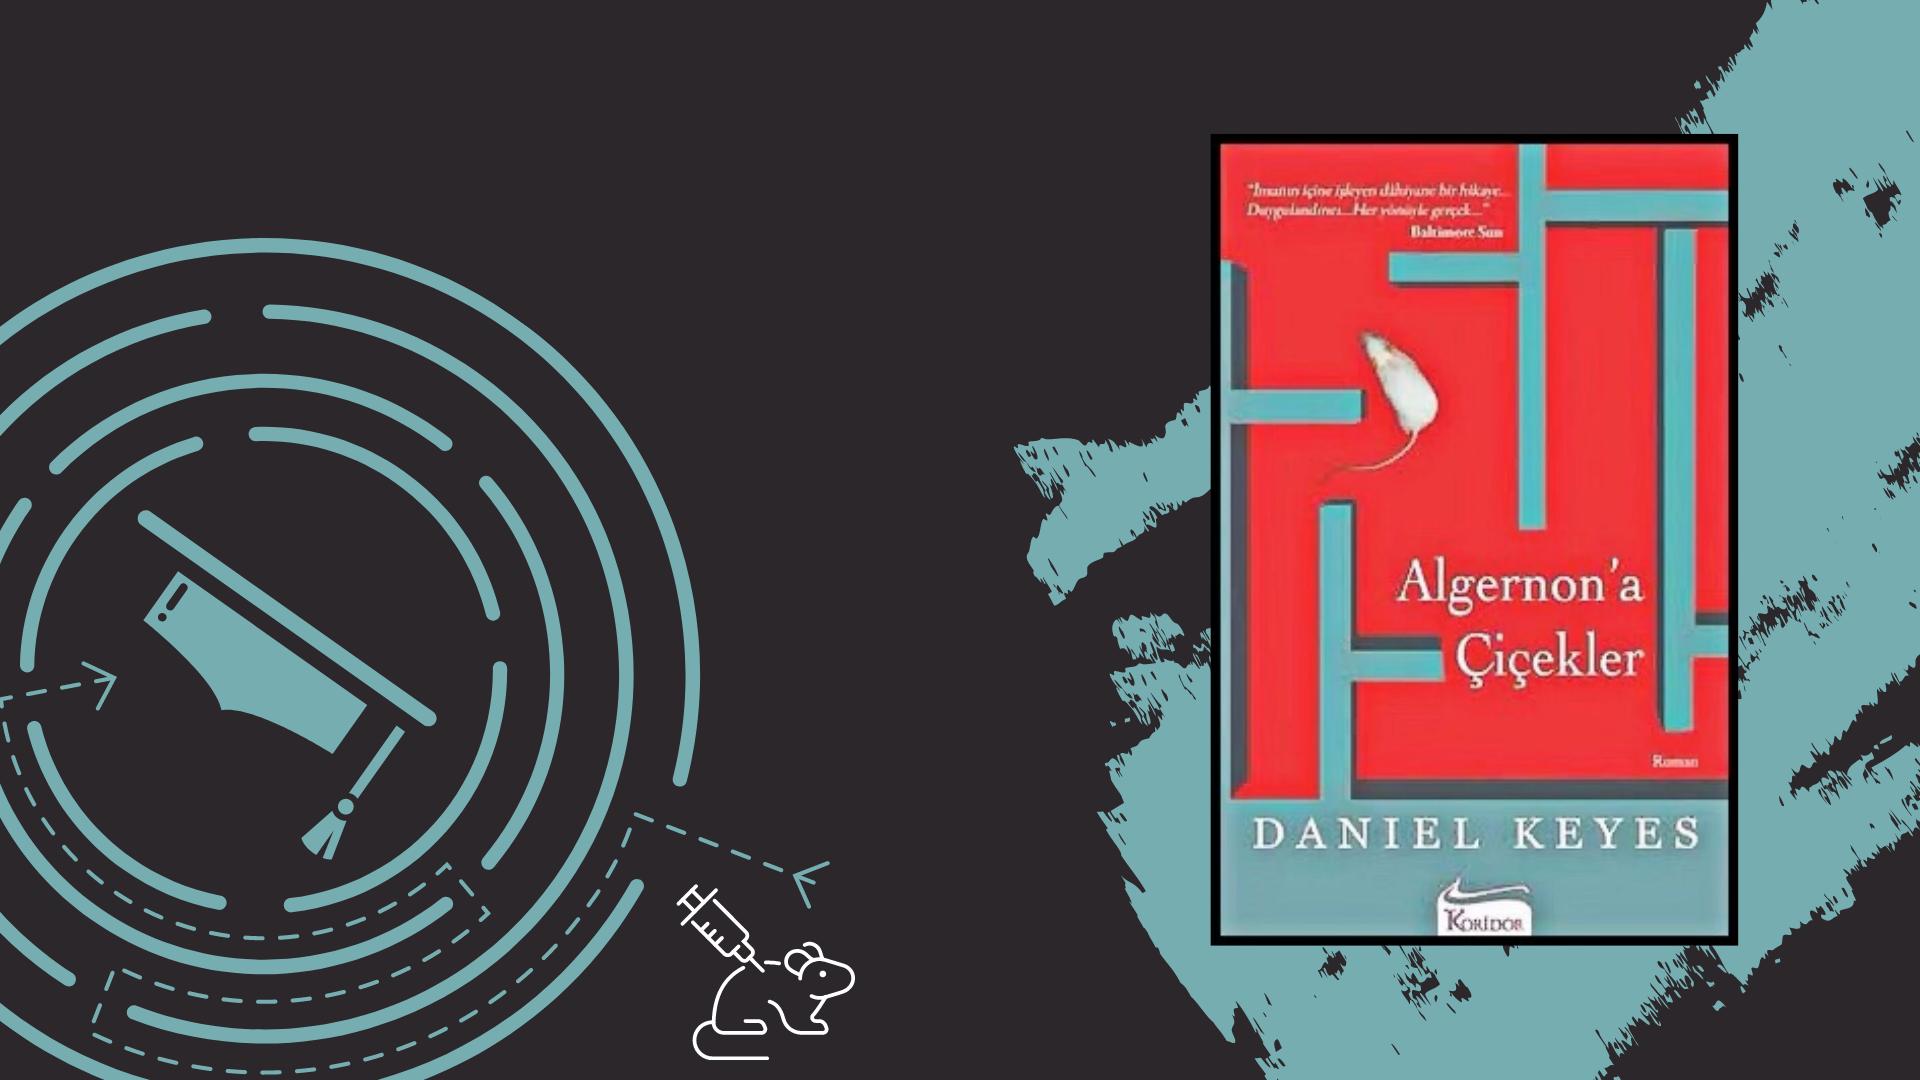 Kitap: Algernon'a Çiçekler | Yazar: Daniel Keyes | Yorumlayan: Kübra Mısırlı Keskin